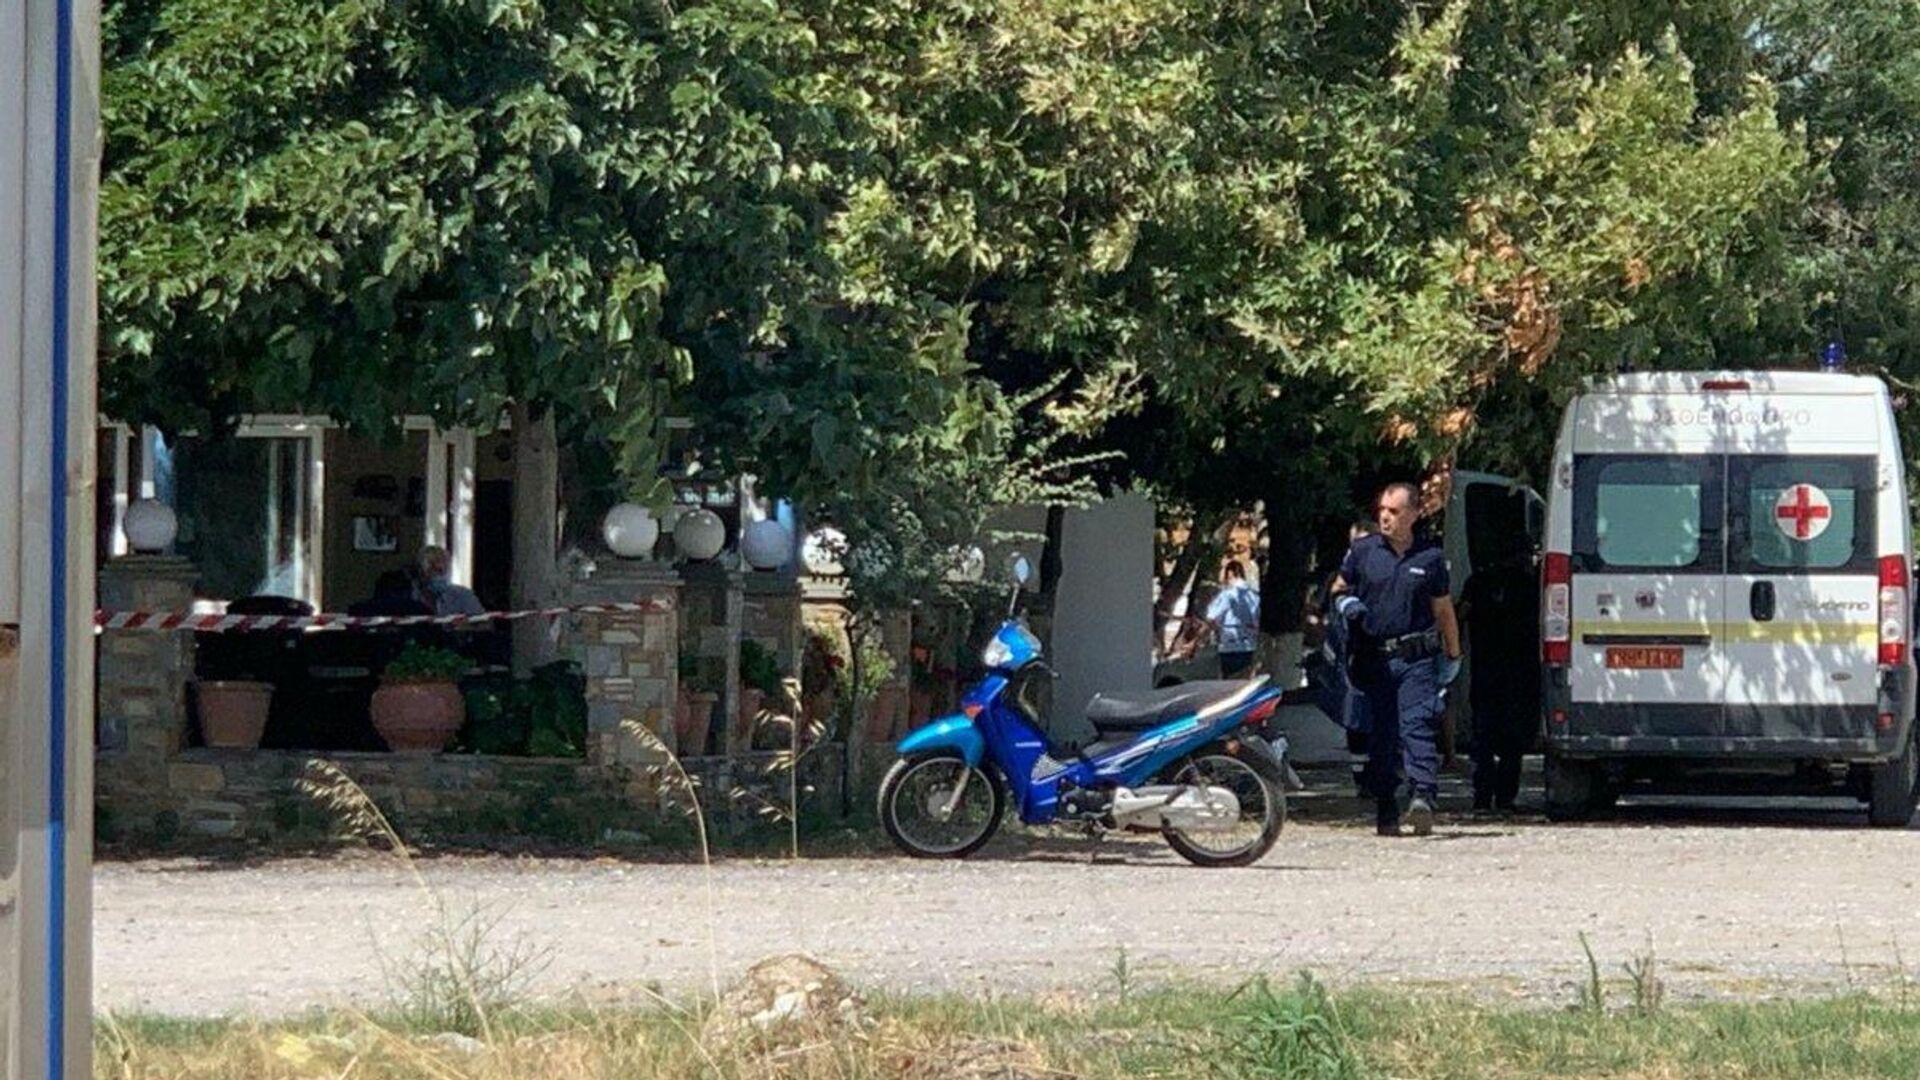 Άγριο έγκλημα στη Λάρισα - Sputnik Ελλάδα, 1920, 03.08.2021